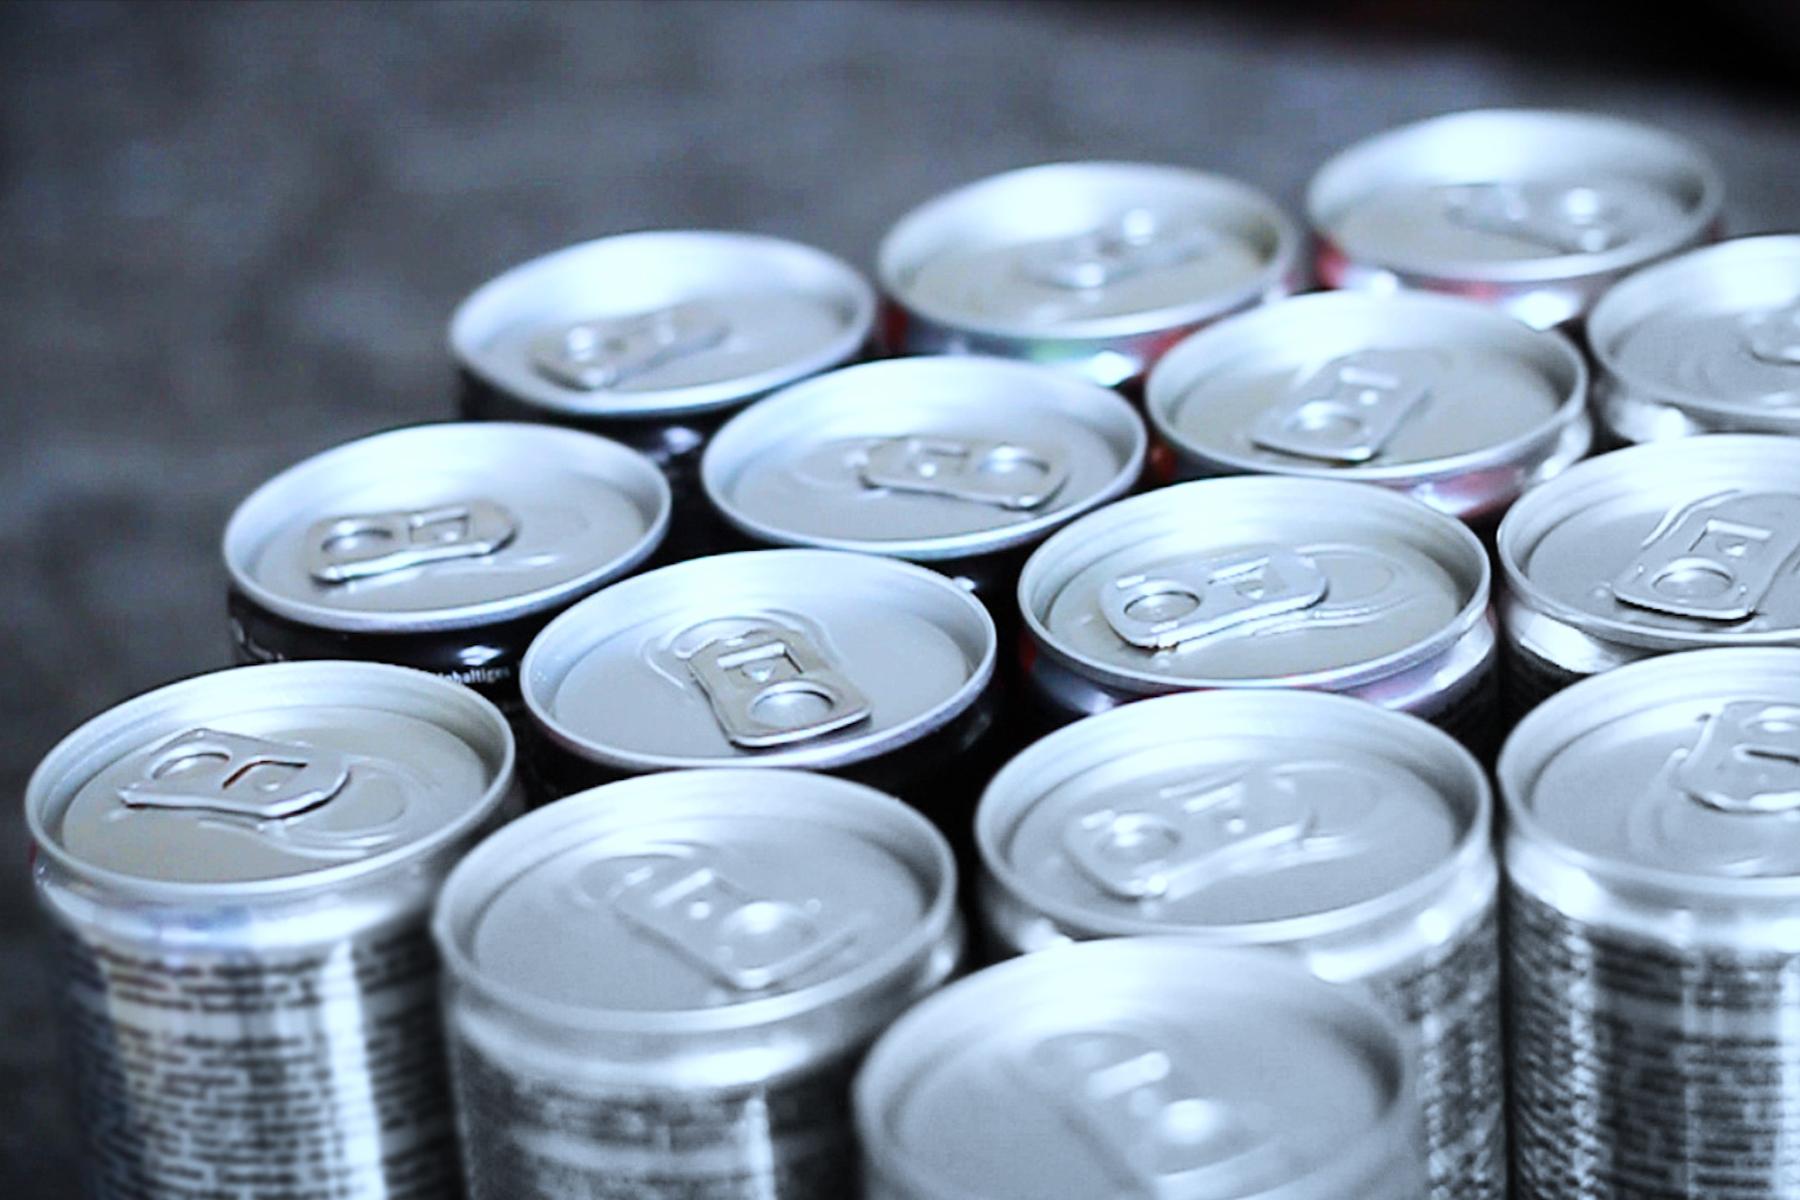 Çfarë ndodhë nëse pini një deri në tre pije energjike në ditë